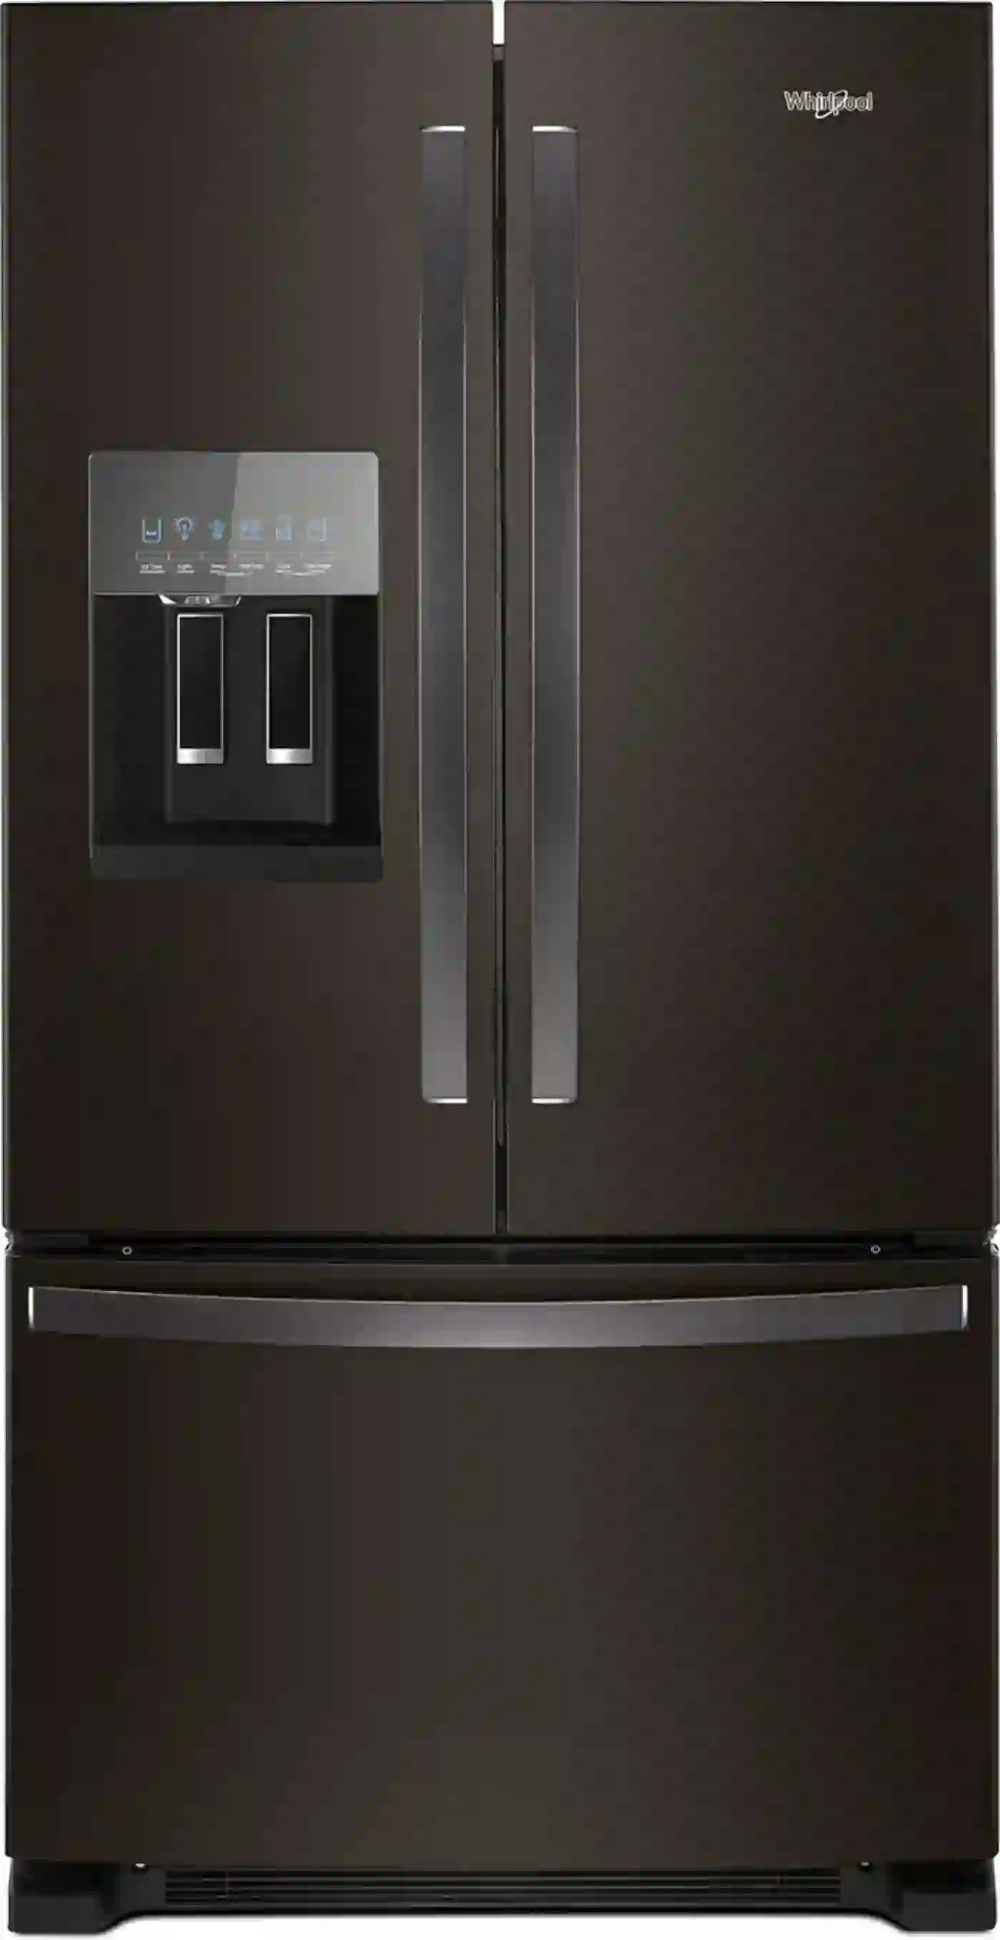 Whirlpool 25 Cu Ft French Door Refrigerator In Fingerprint